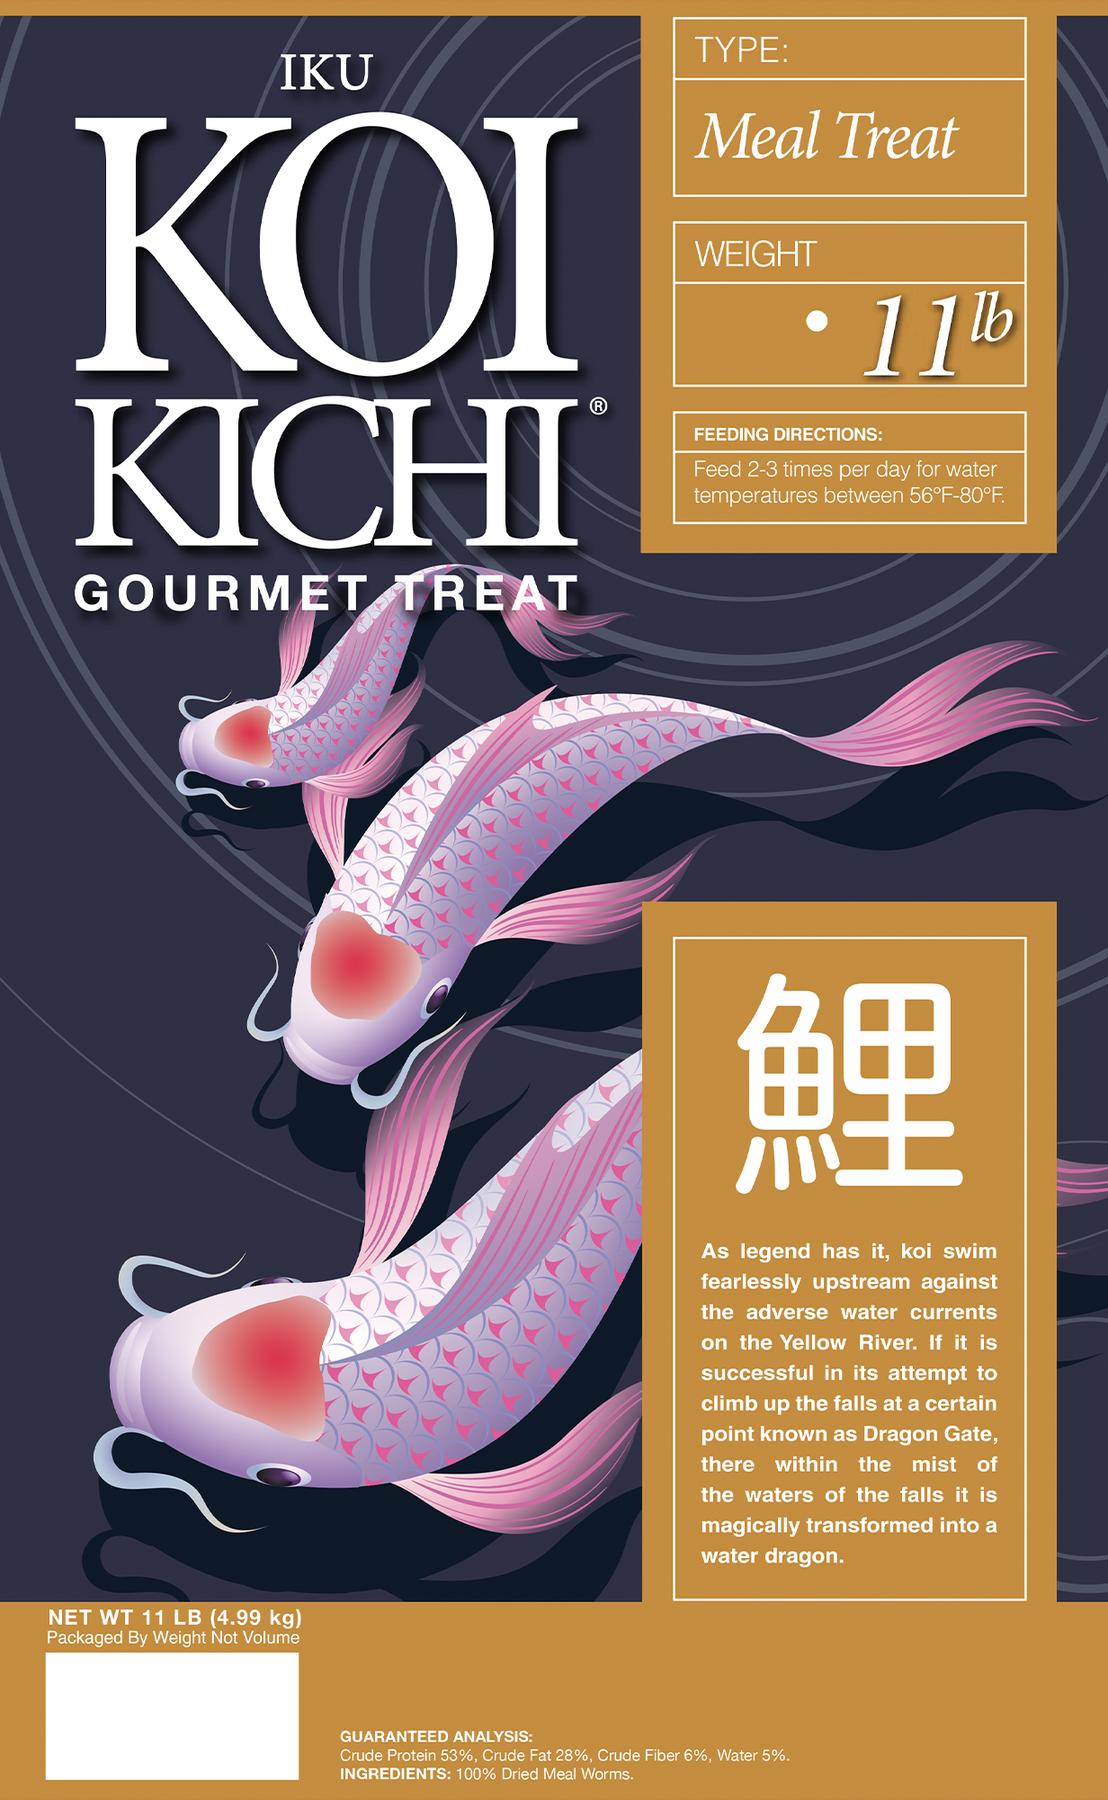 Iku Koi Kichi Gourmet Meal Treat Koi Fish Food - 11 lbs.